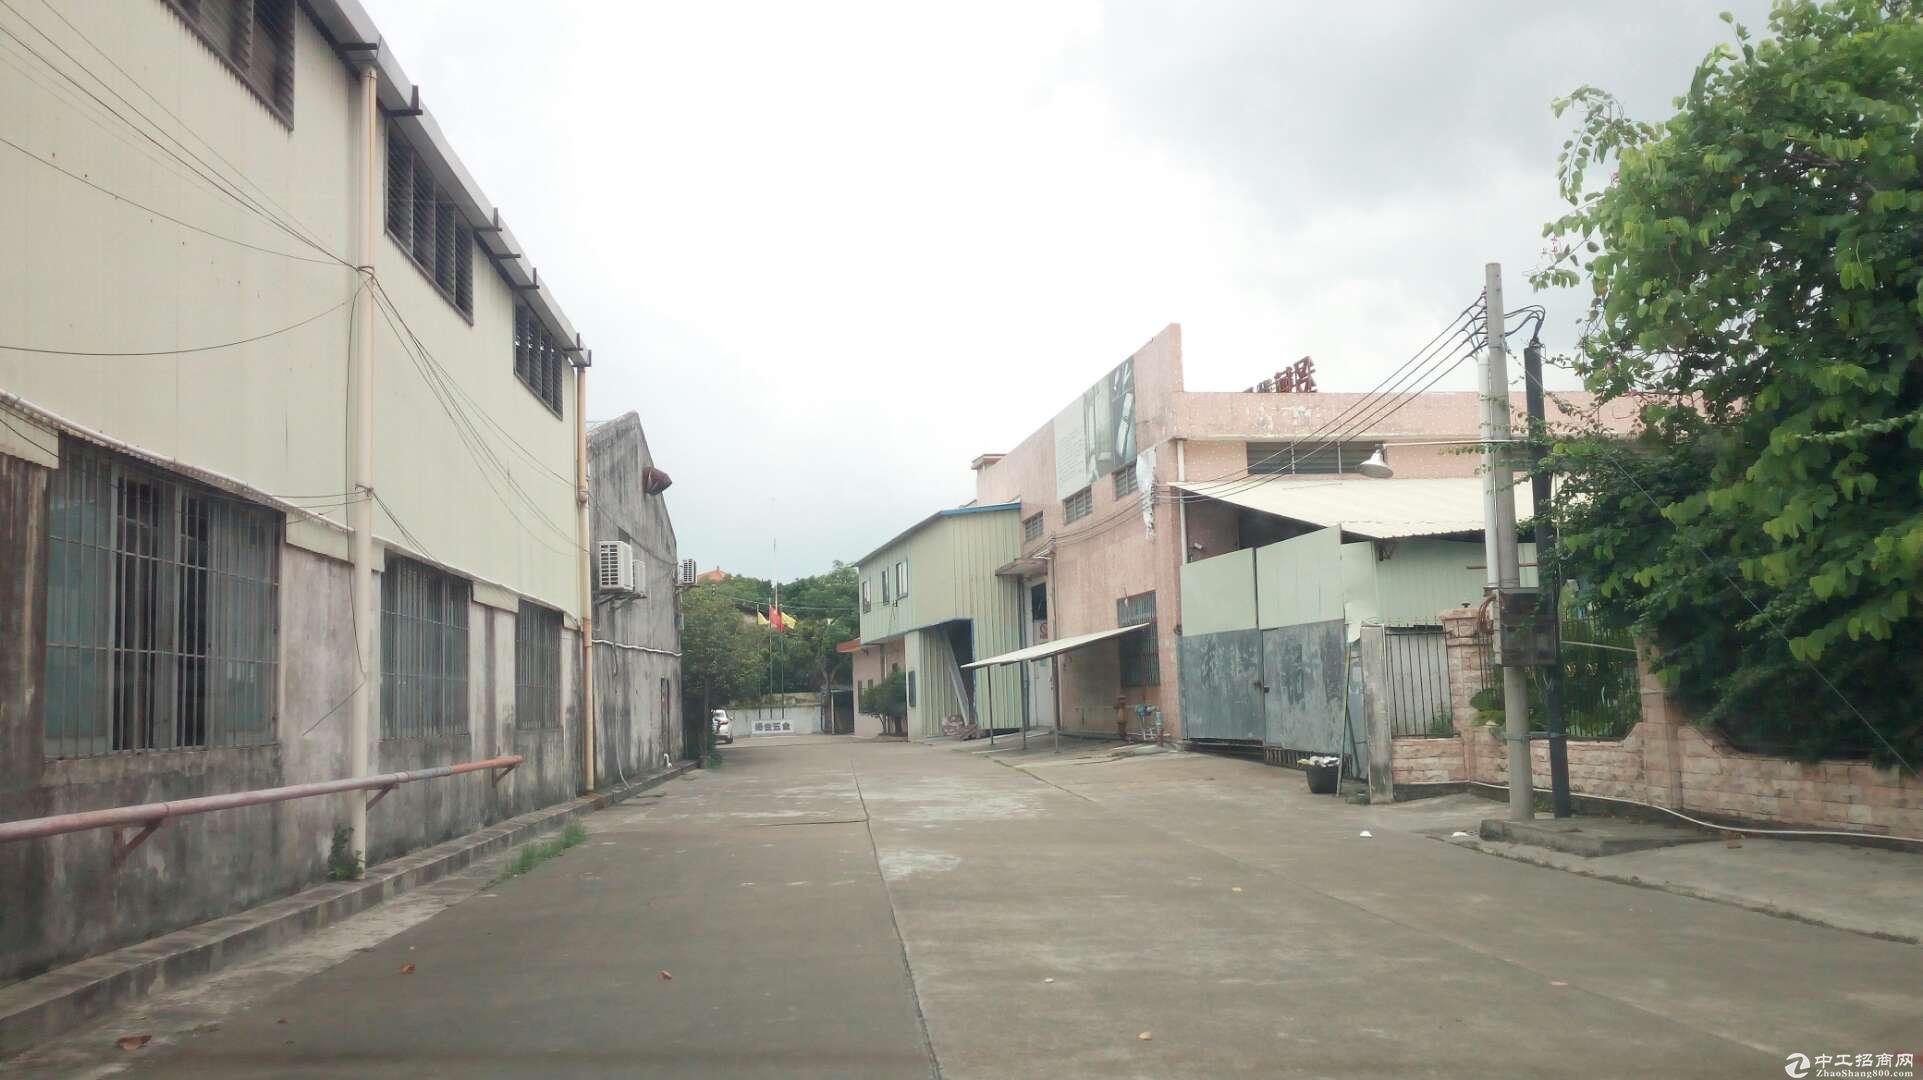 港口 一楼厂房出租 层高7米 有院子 空地 铁皮顶;采光好 厂房共有三个车间;共1200方-图3